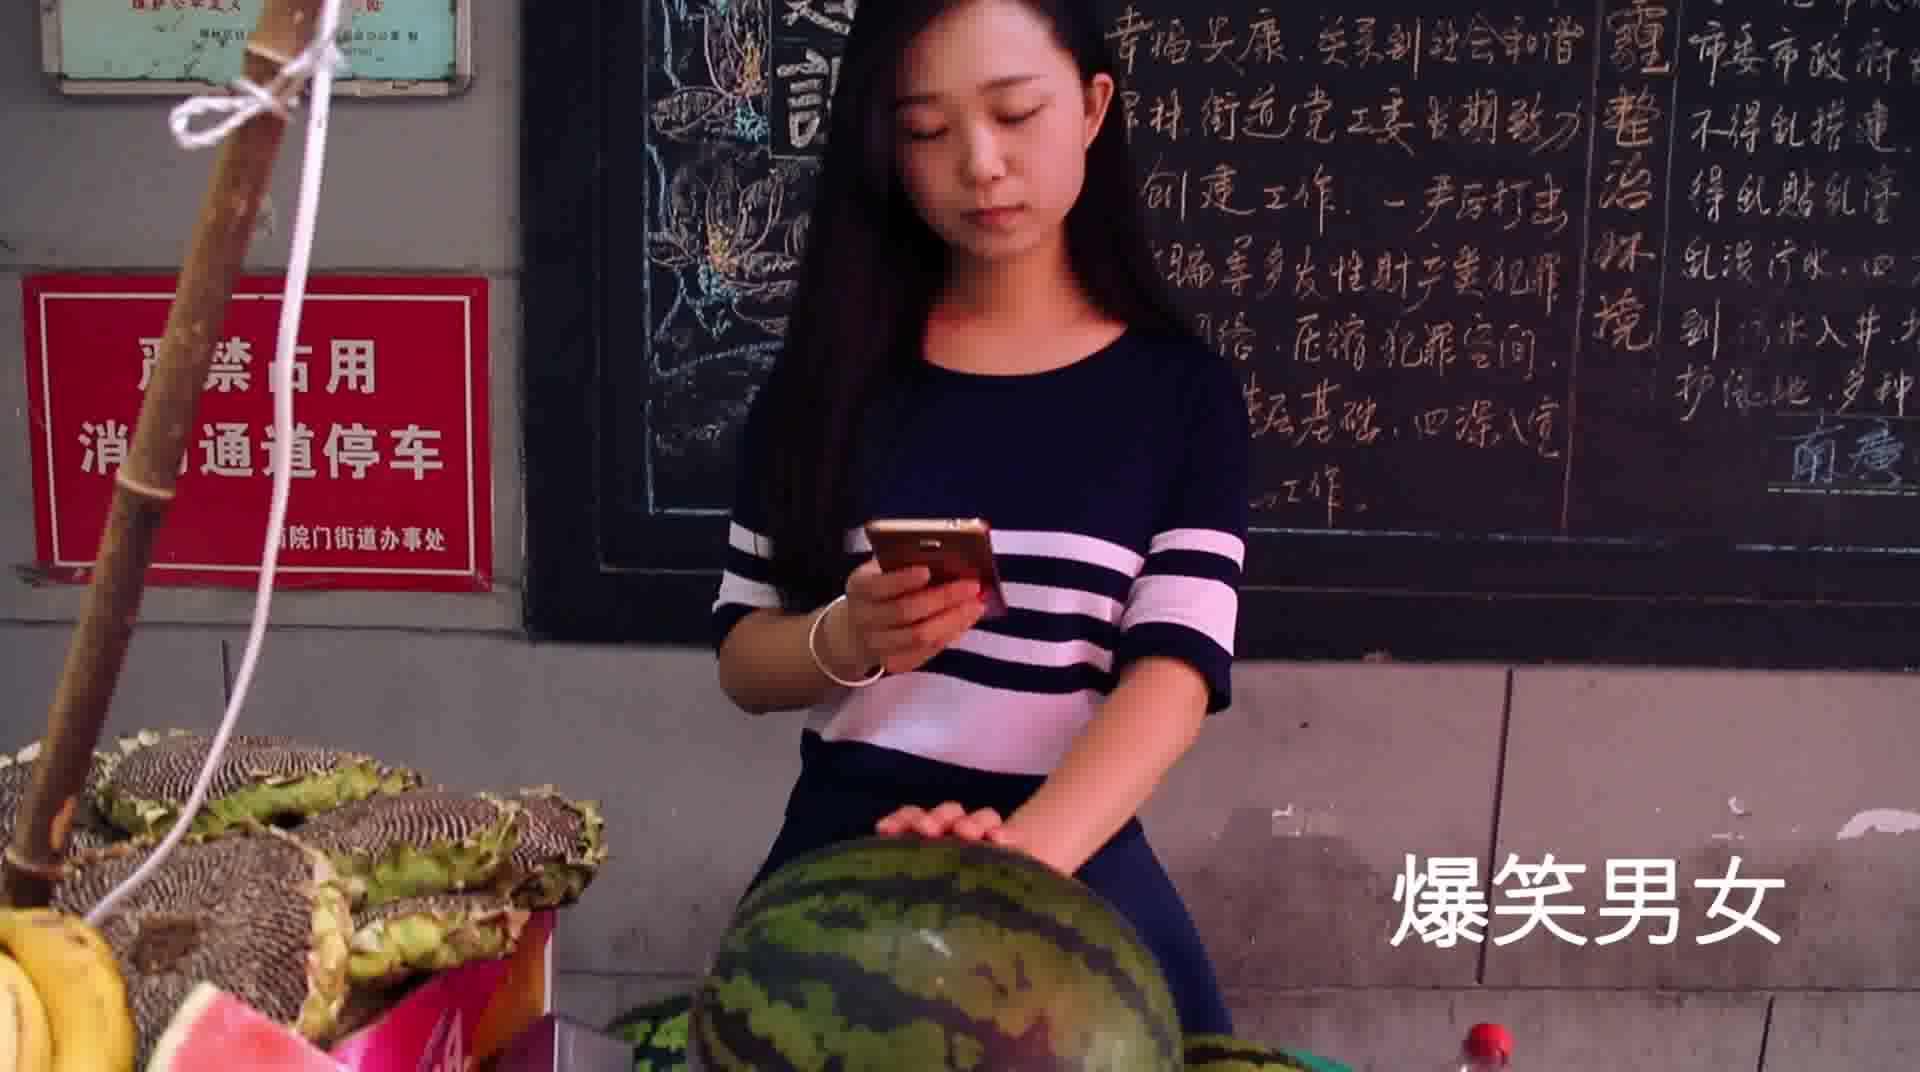 #搞笑趣事#美女竟然这样卖西瓜,笑死我了